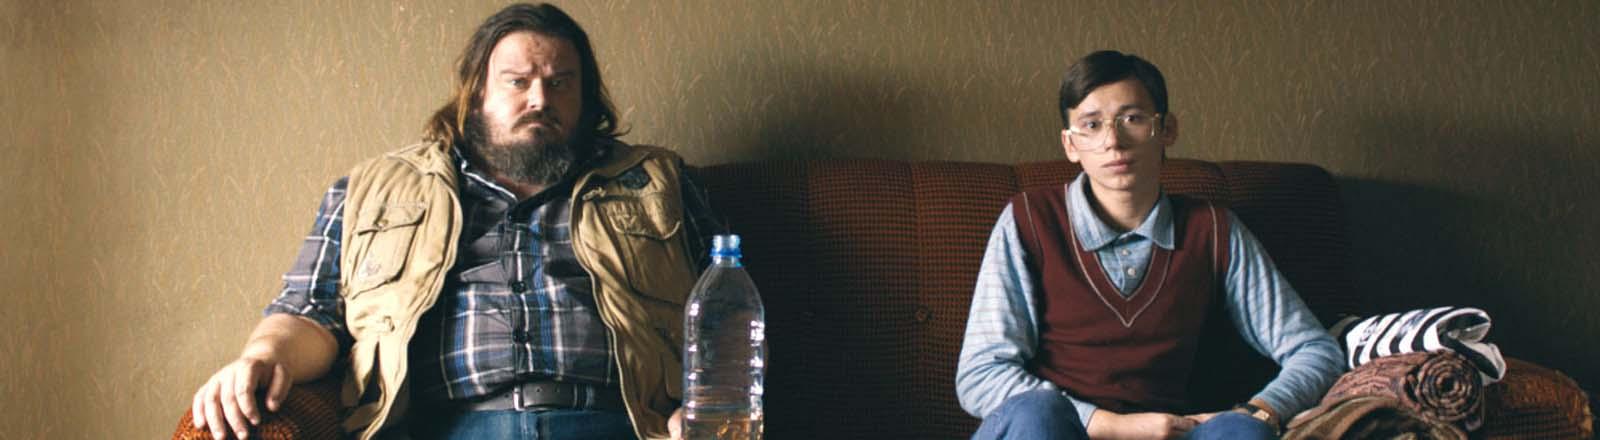 """Giuseppe Battiston (l) und Rok Prasnikar als Zoran in einer Szene des Films """"Zoran - Mein Neffe der Idiot""""."""